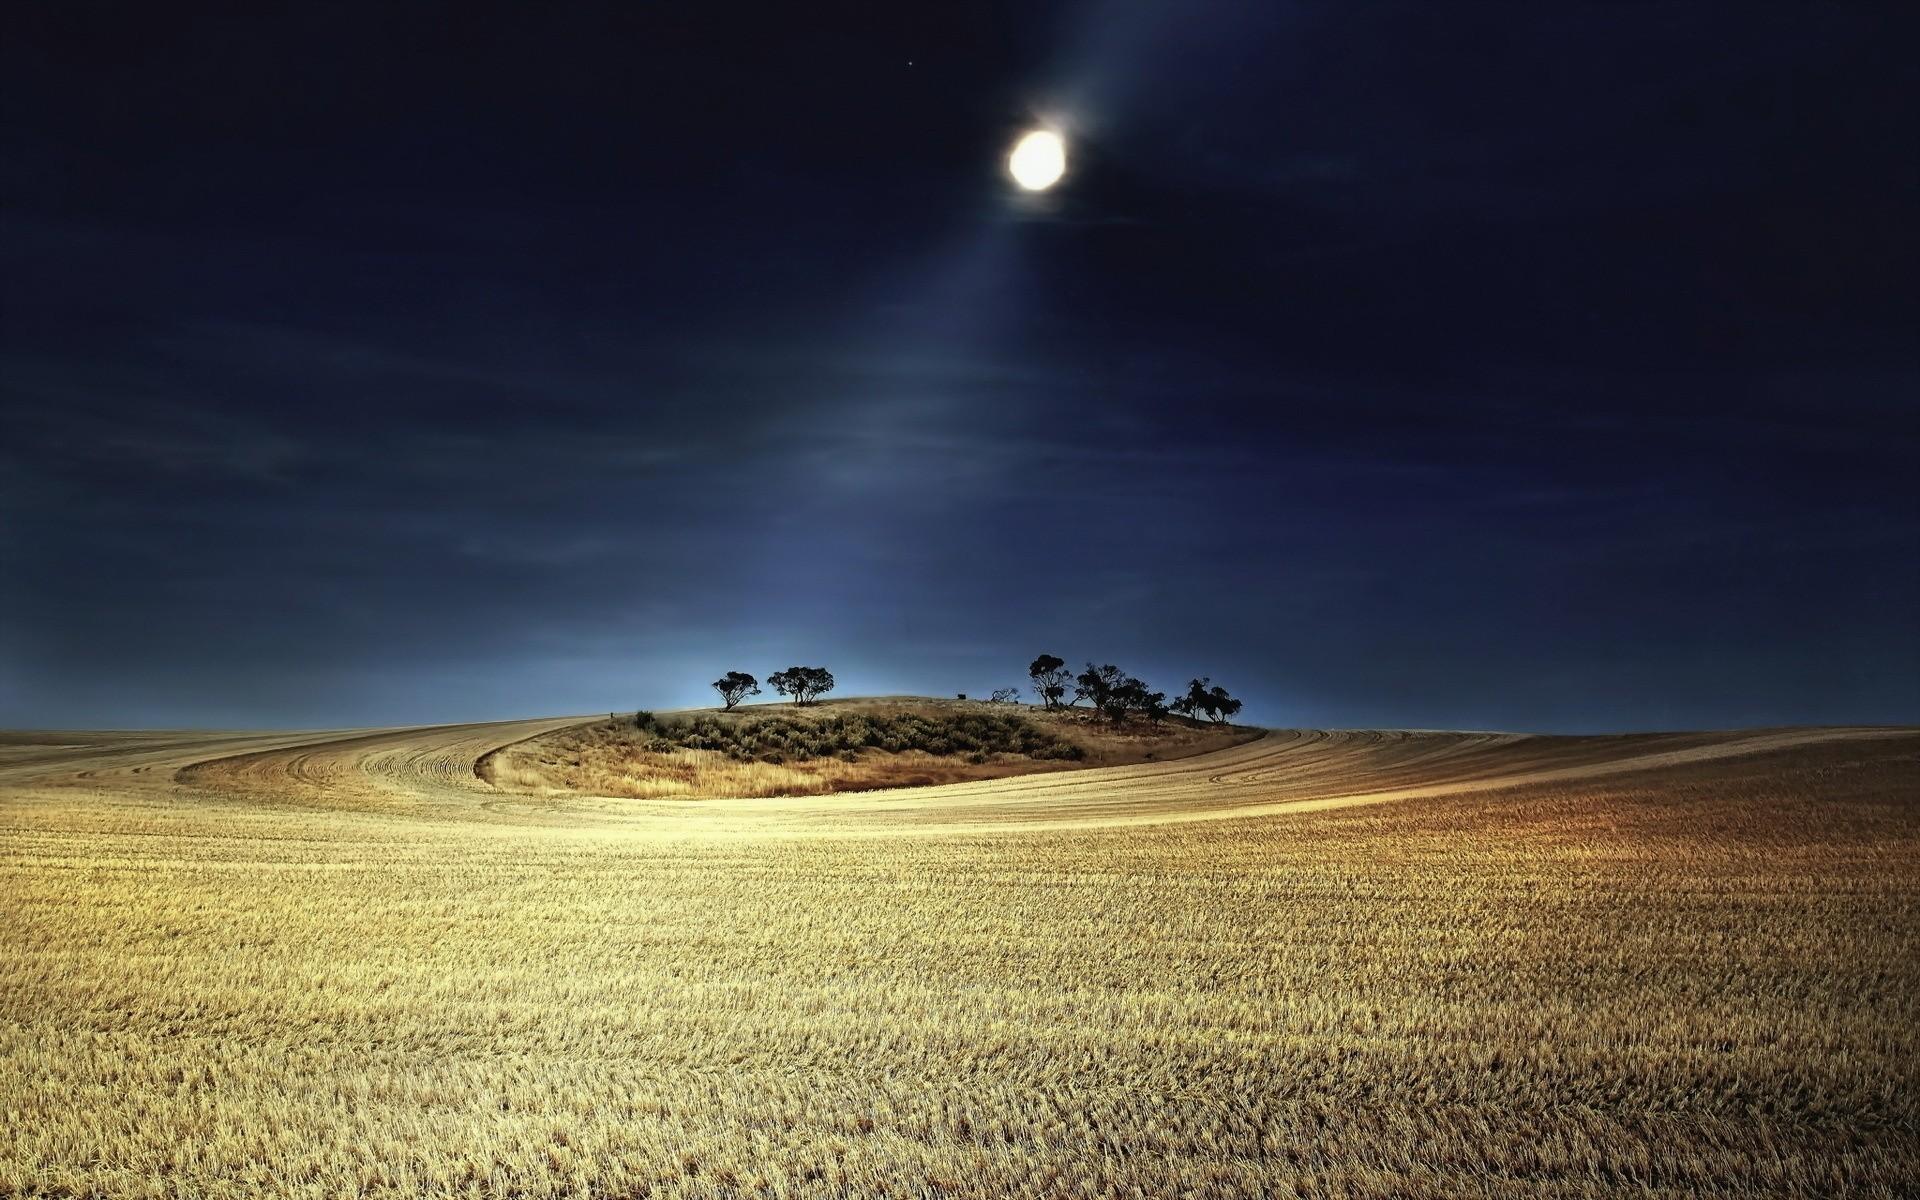 гарантируют высокий картинки в поле ночью может